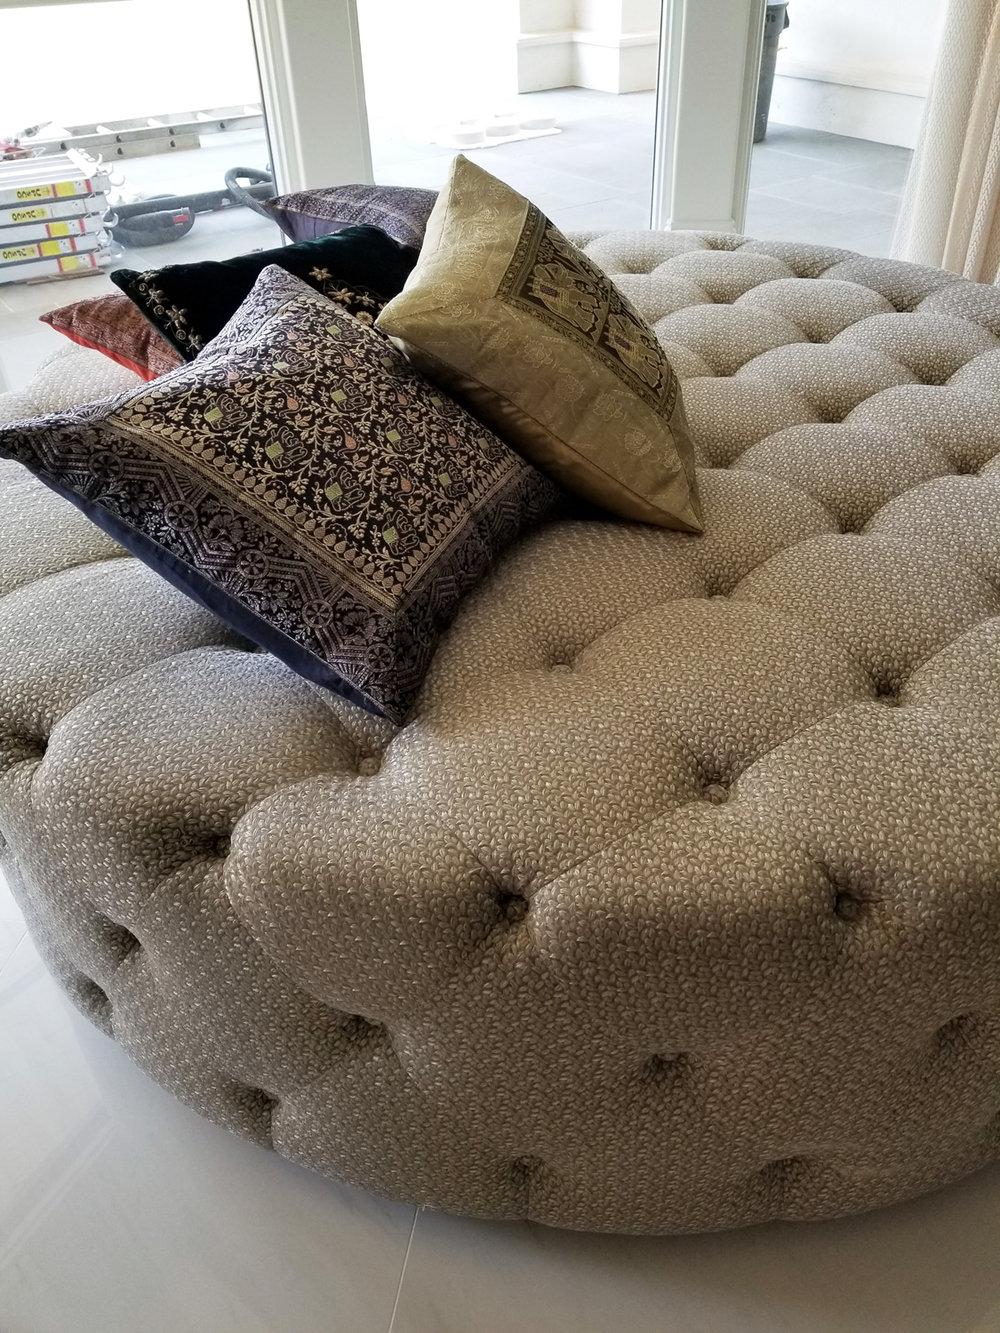 centuryupholstery_customottoman.jpg